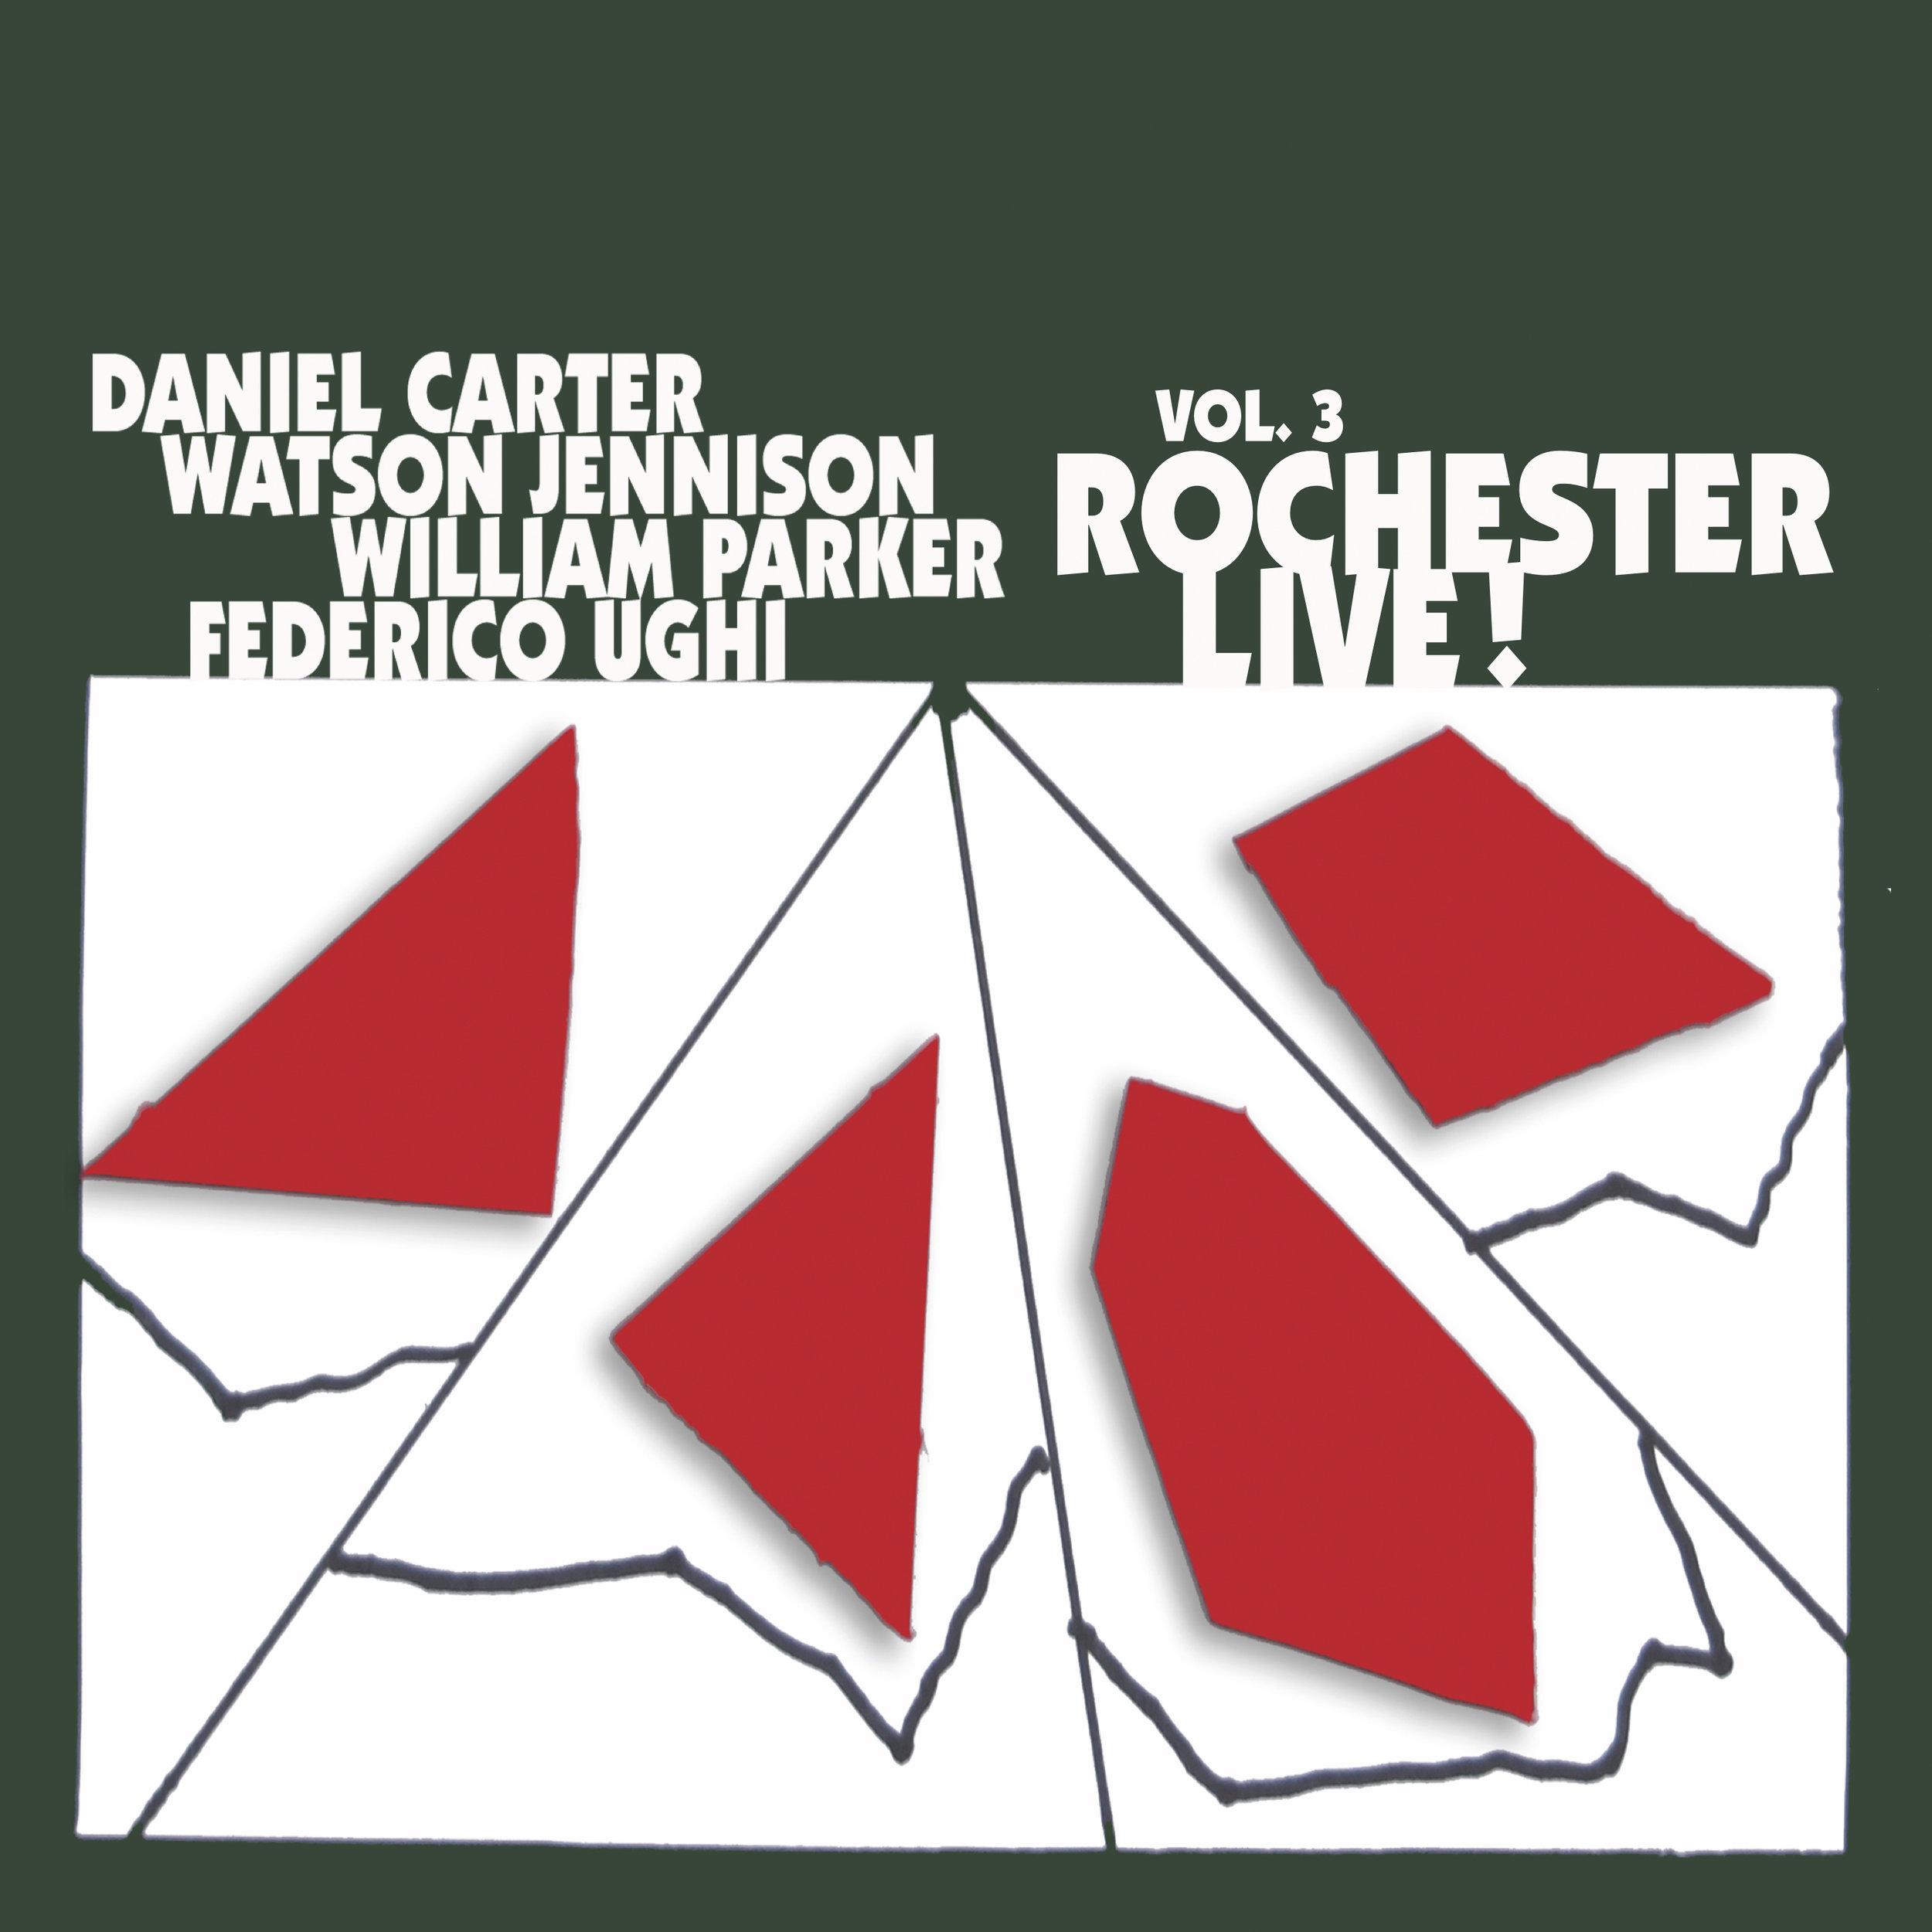 Vol. 3 Rochester.jpg